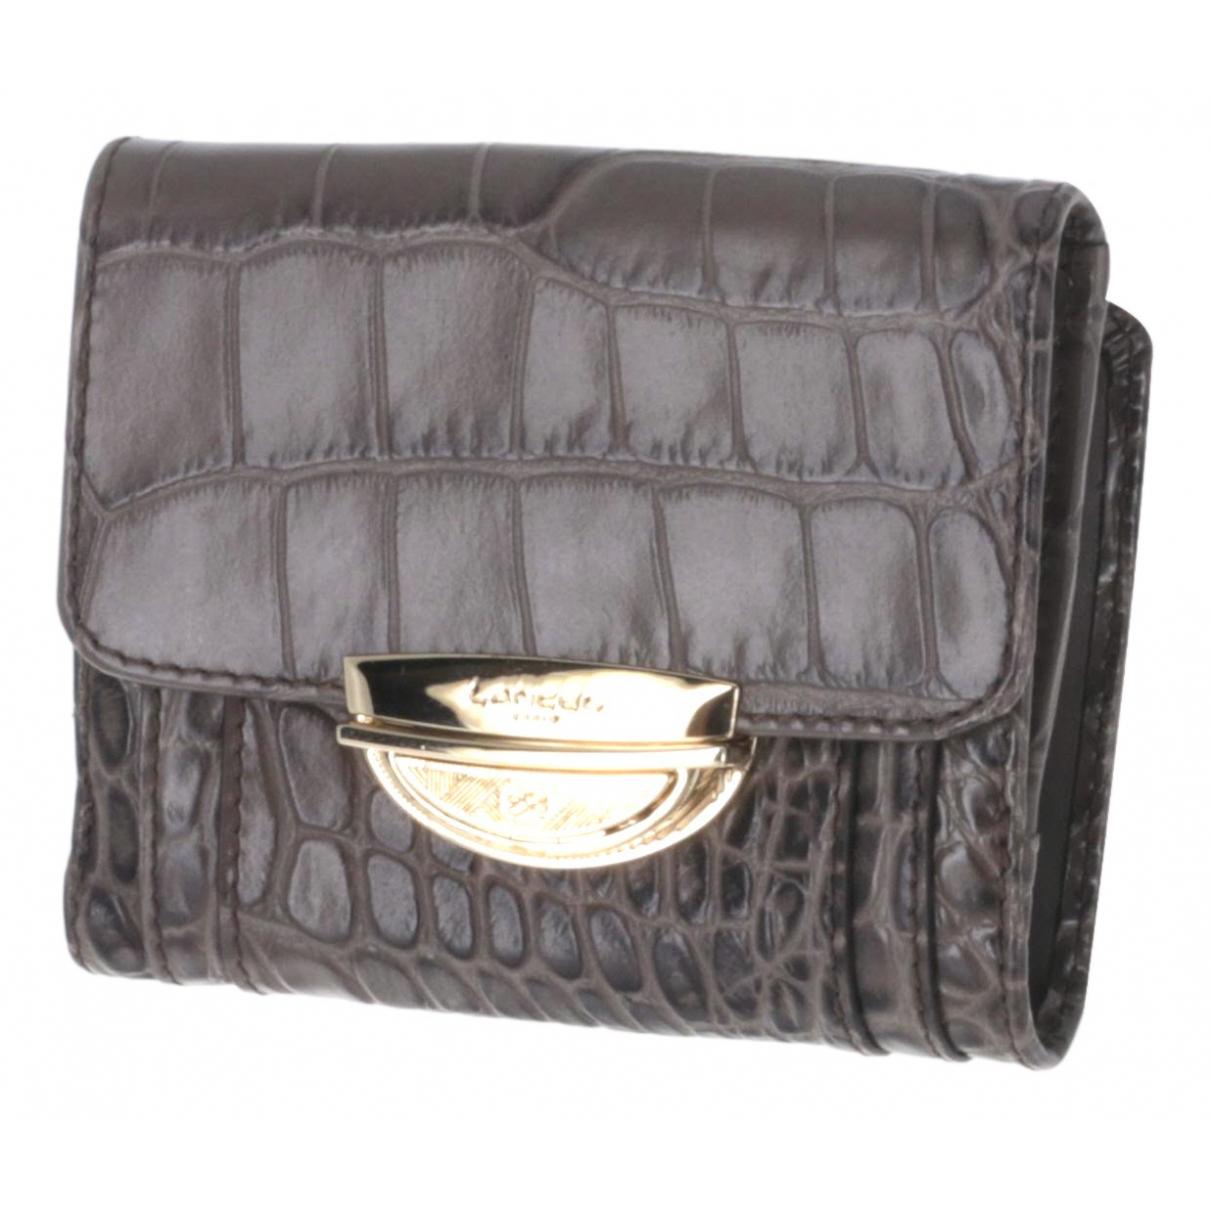 Lancel - Portefeuille Adjani pour femme en cuir - gris